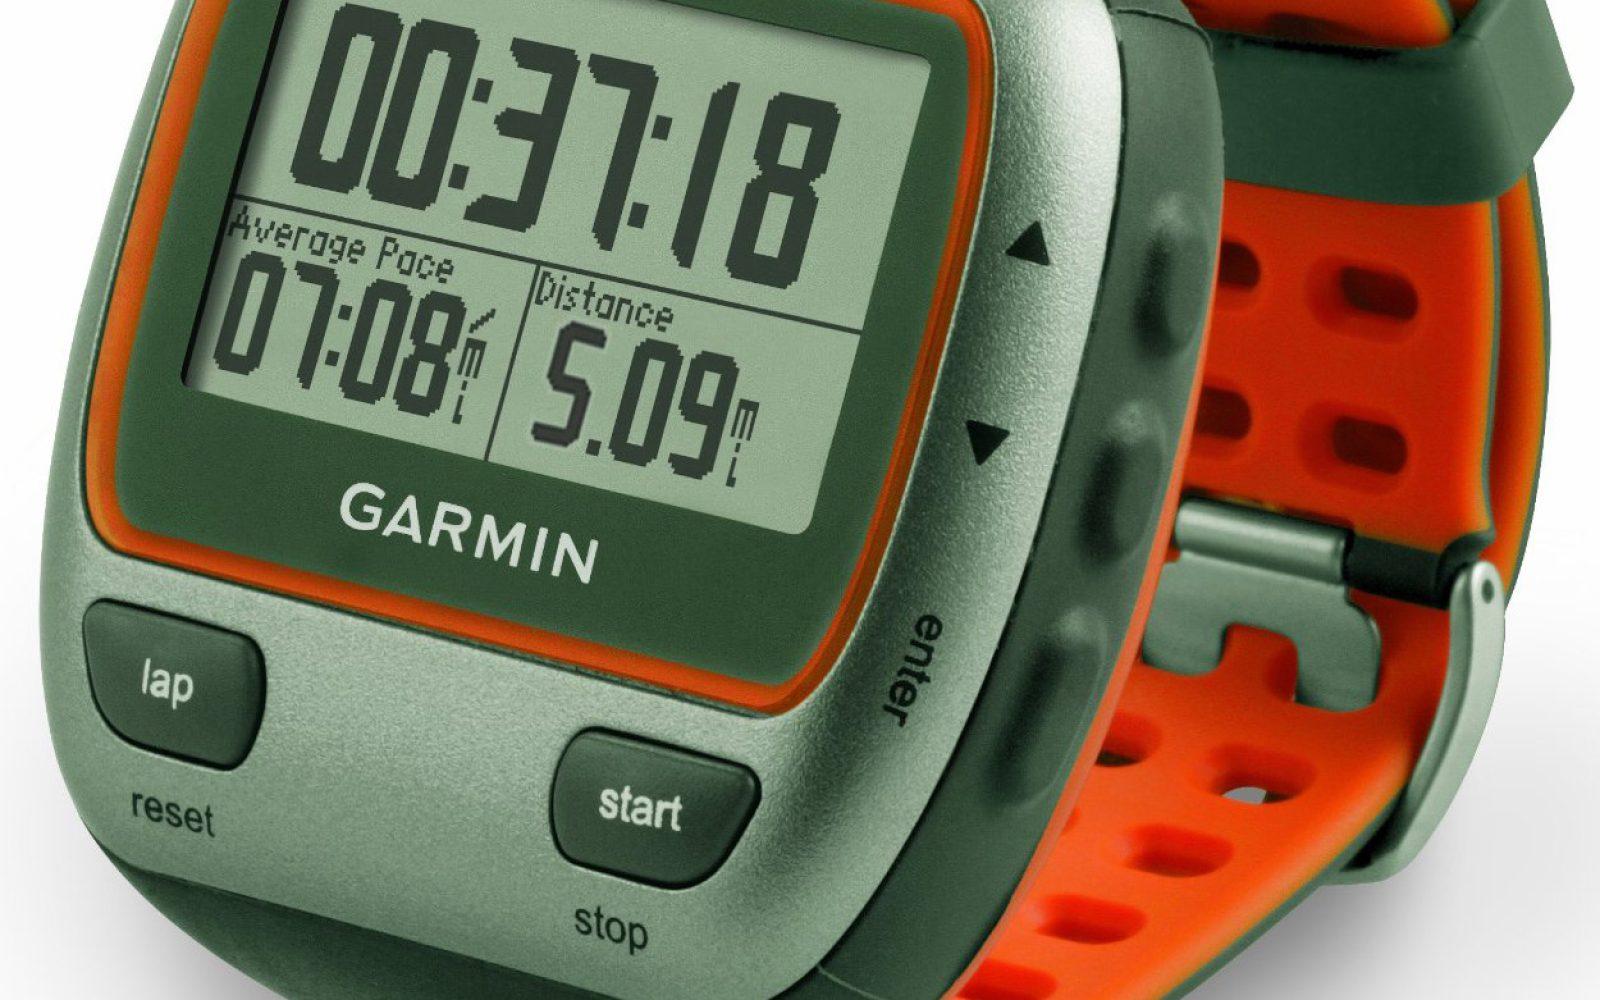 Garmin Forerunner 310XT Waterproof Running GPS w/ USB Stick + Heart Rate  Monitor $140 (Reg. $170)